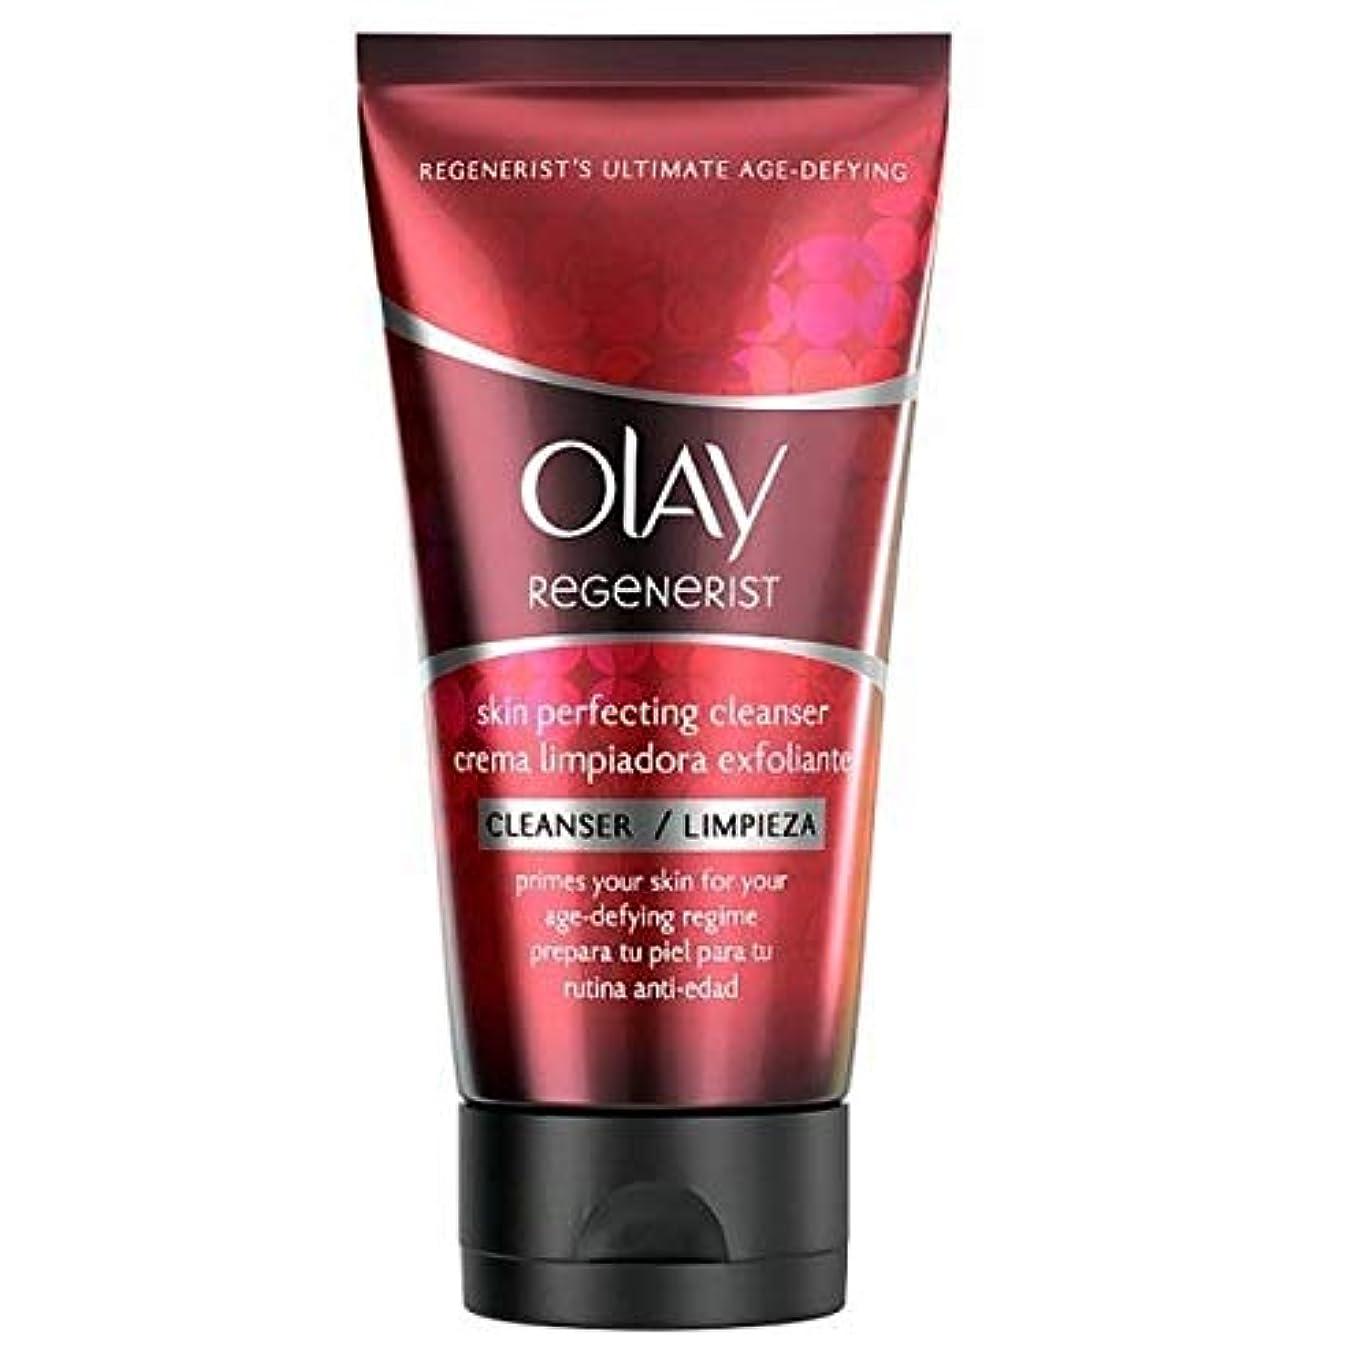 抜本的な日焼けシャッフル[Olay ] クレンザーを完成オーレイリジェネスキン - Olay Regenerist Skin Perfecting Cleanser [並行輸入品]